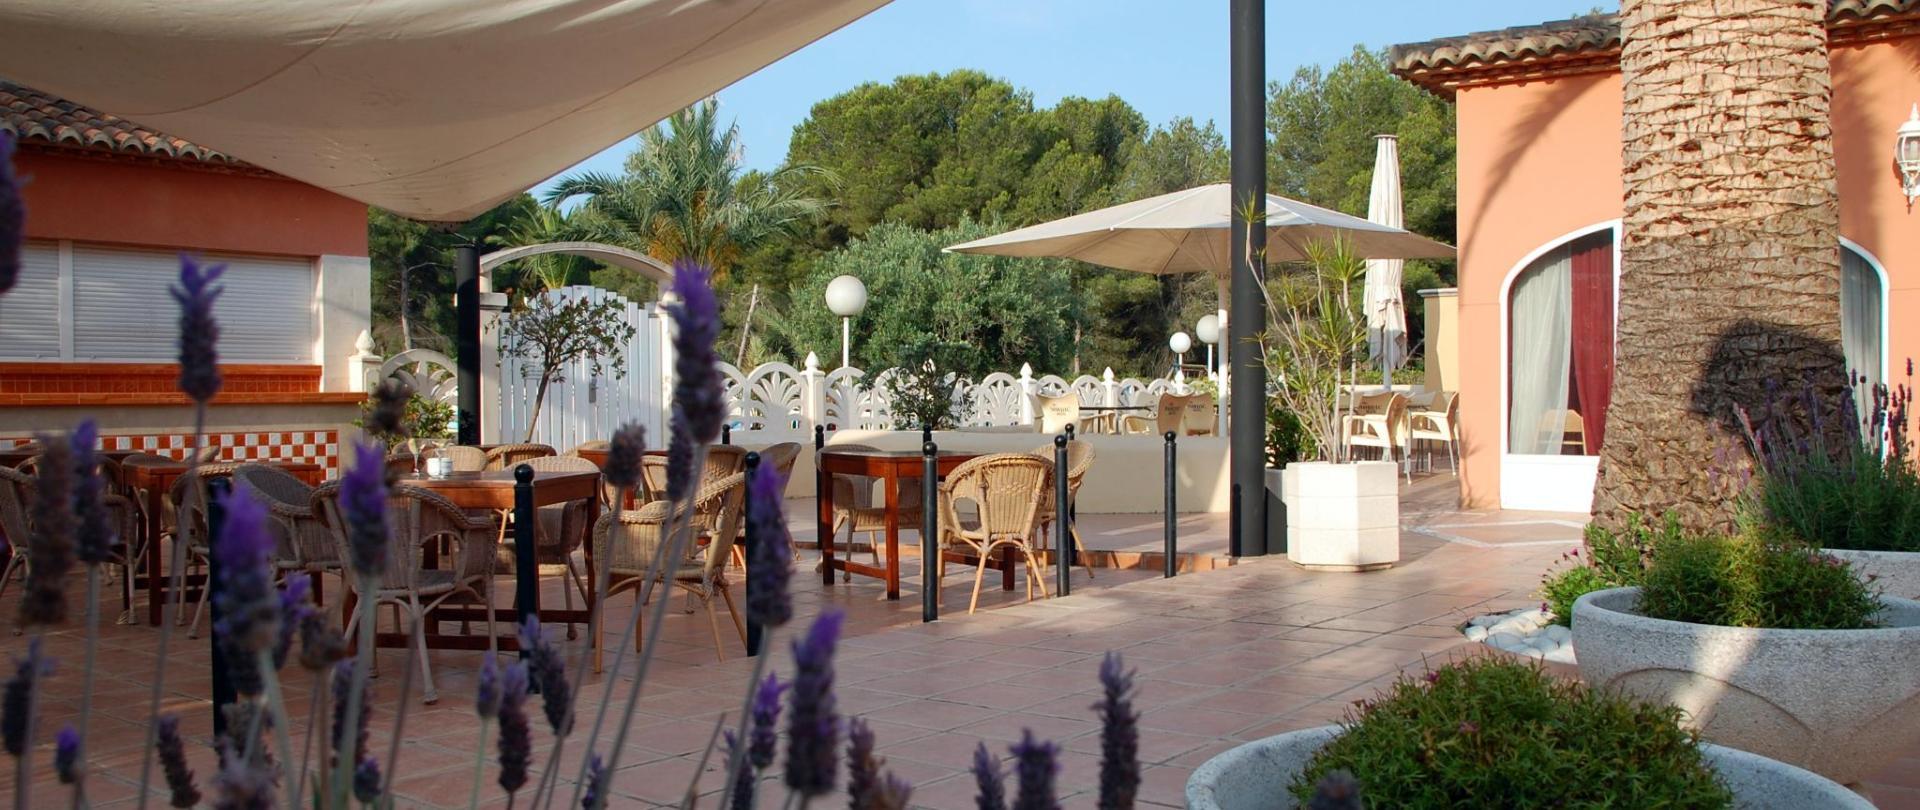 Restaurant's terrace.jpg